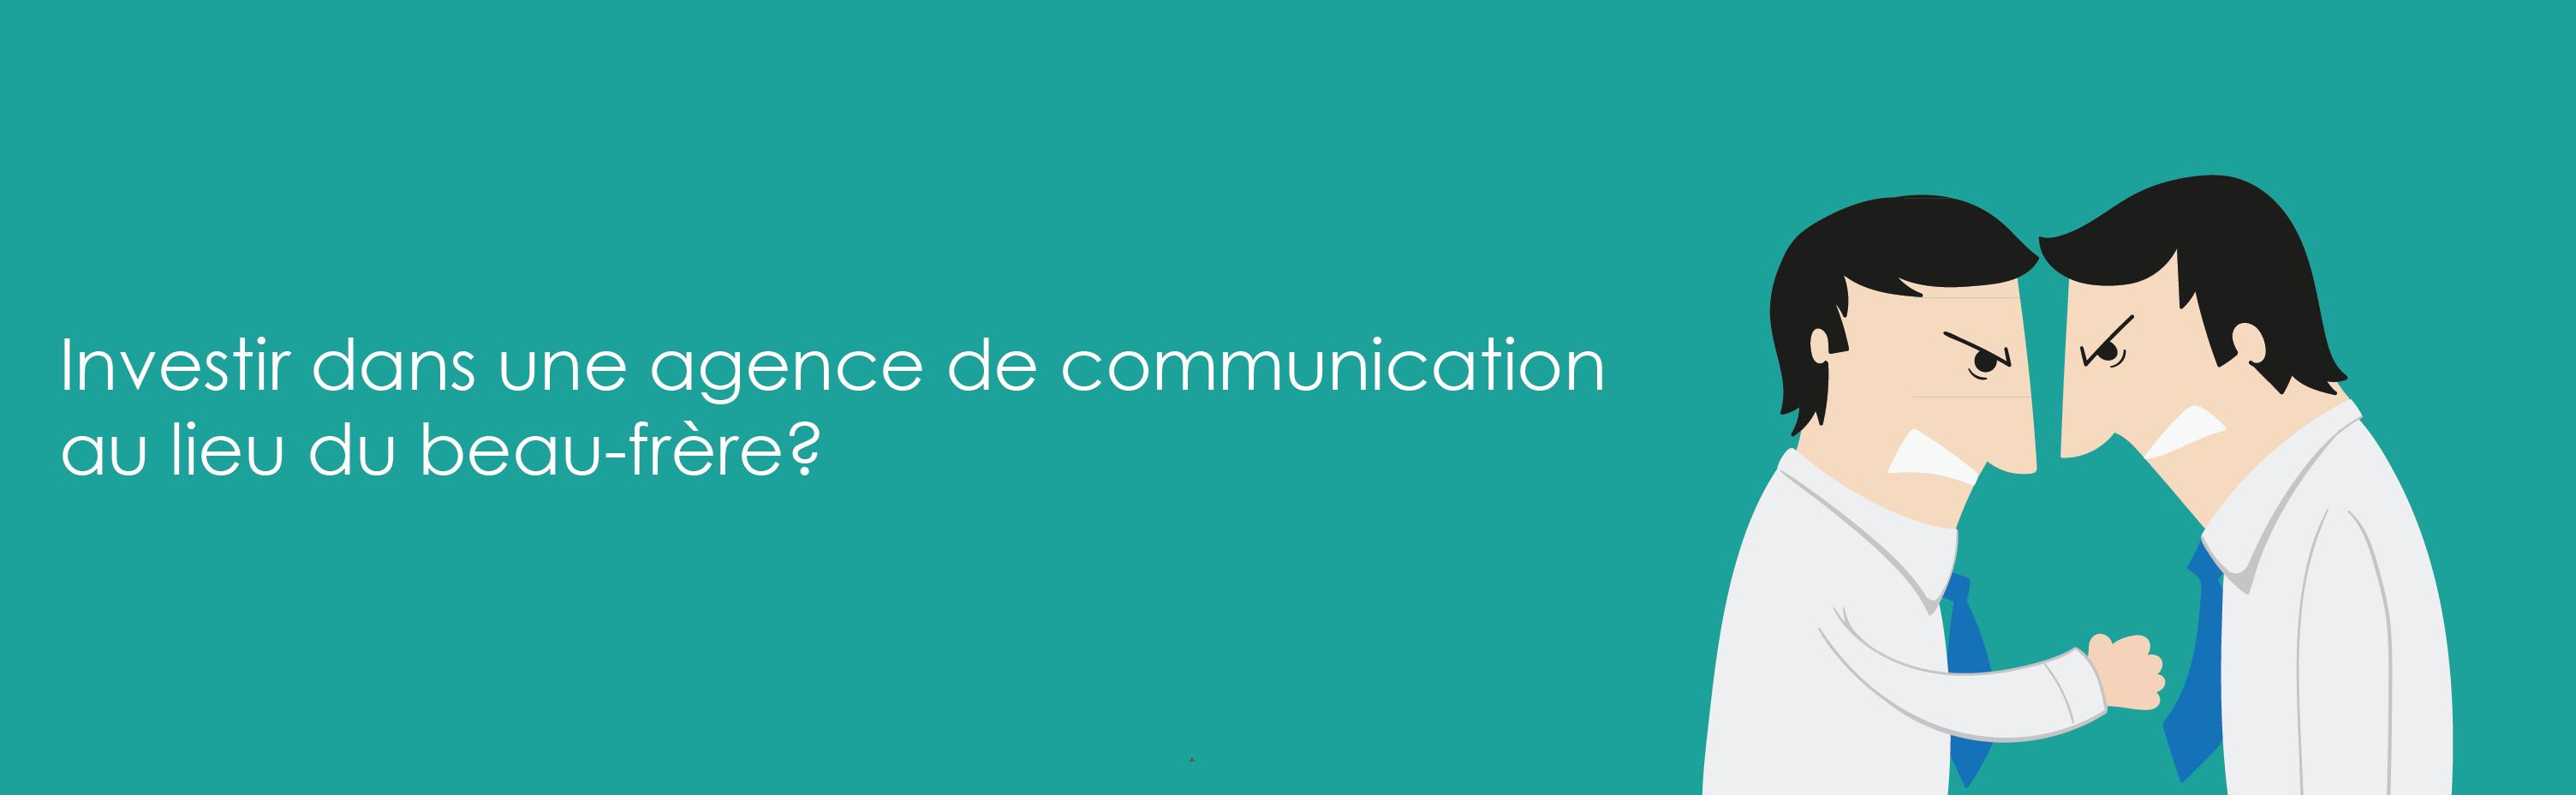 Investir dans une agence de communication